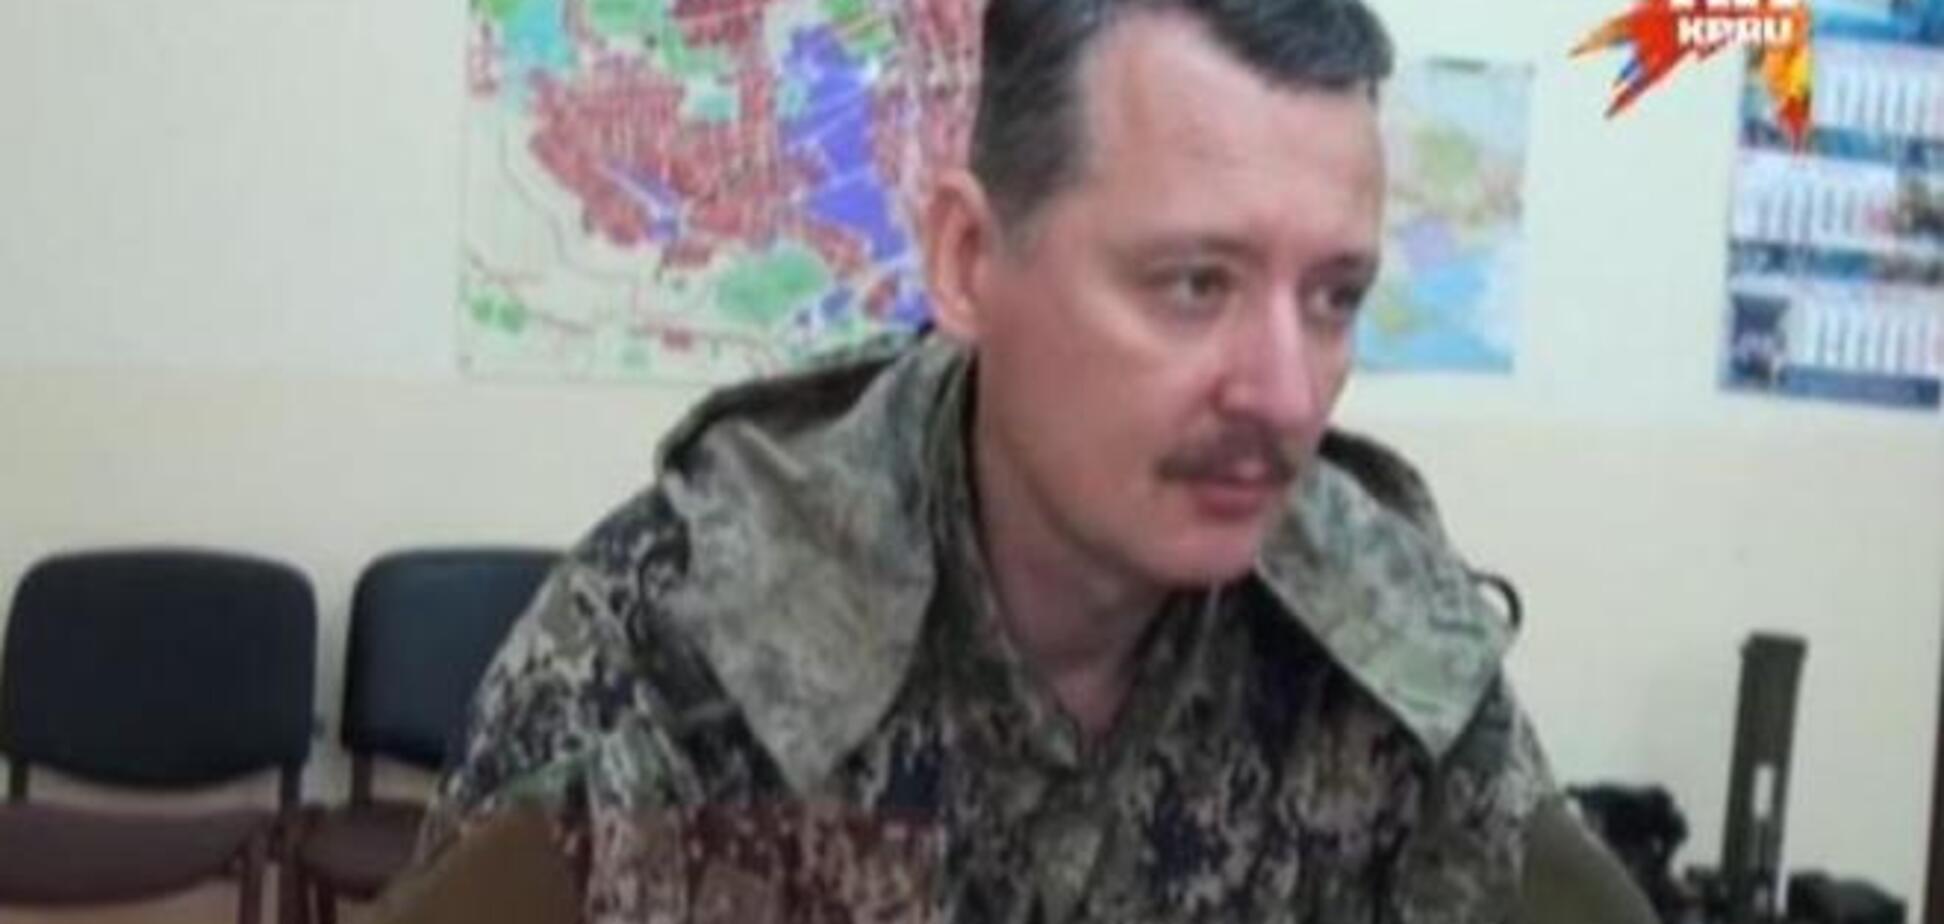 Командующий сепаратистами в Славянске: стрелять в своих братьев мы не хотим, но, наверное, придется